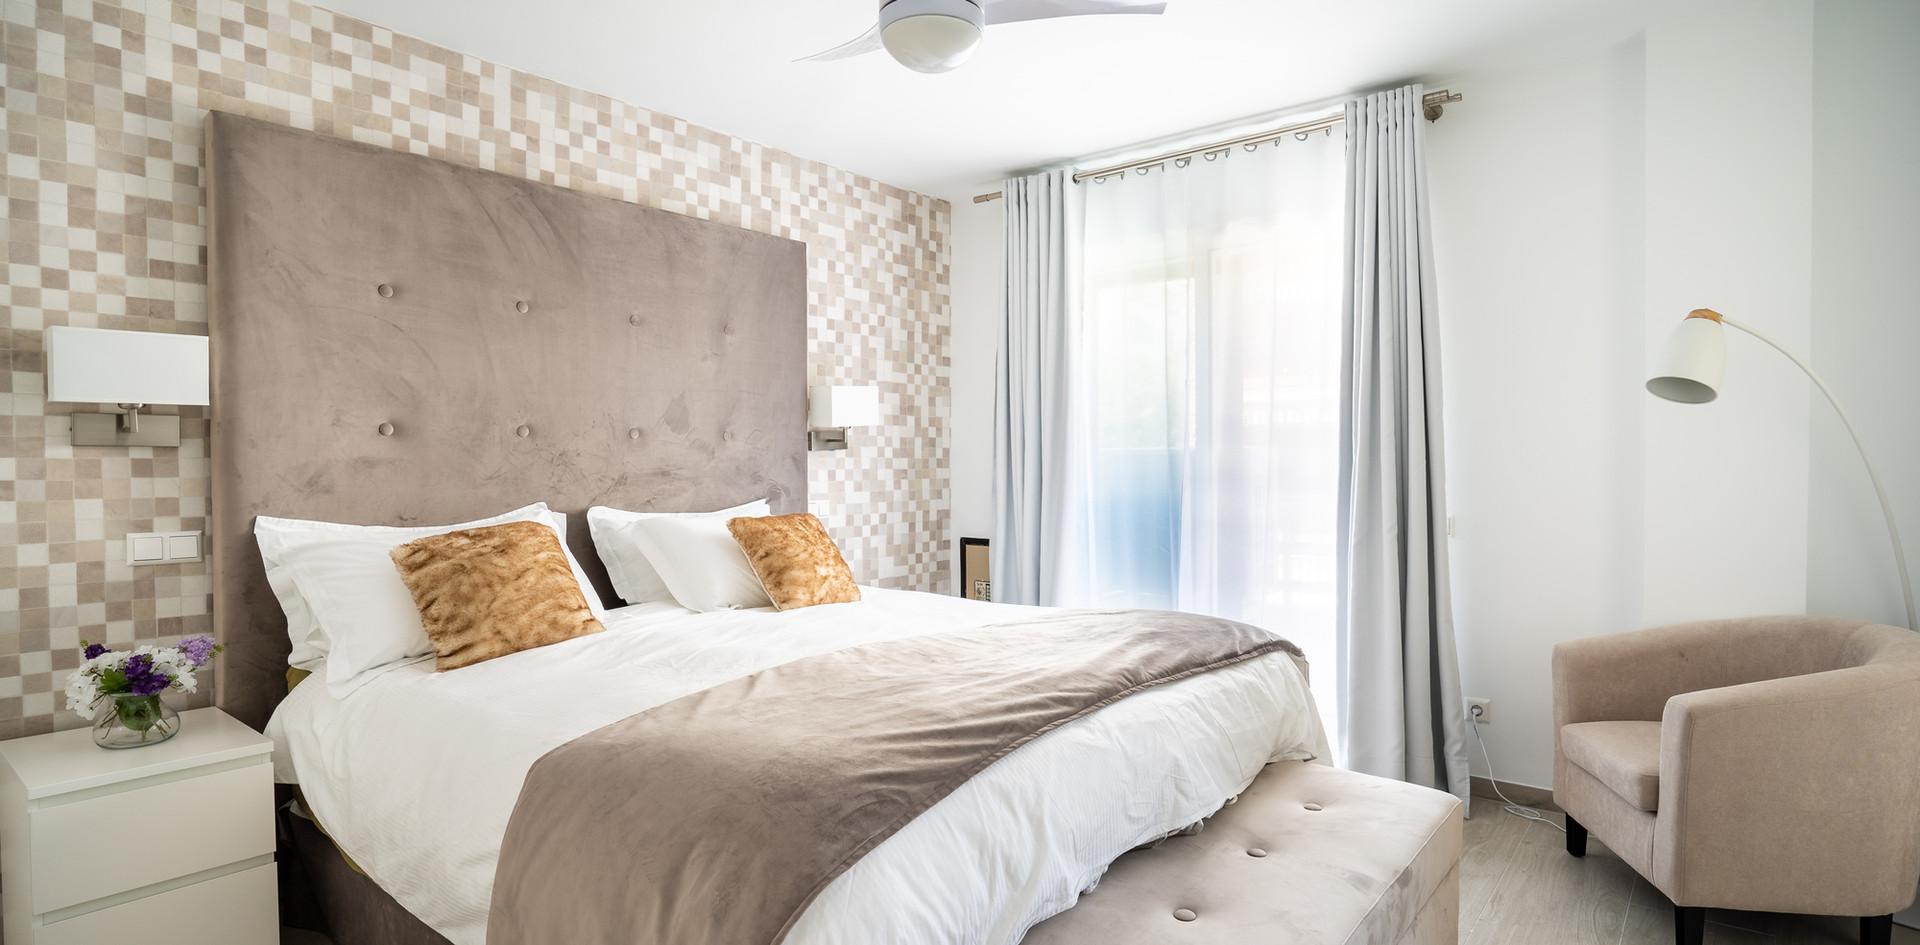 54 marbella piso silencio dormitorios de